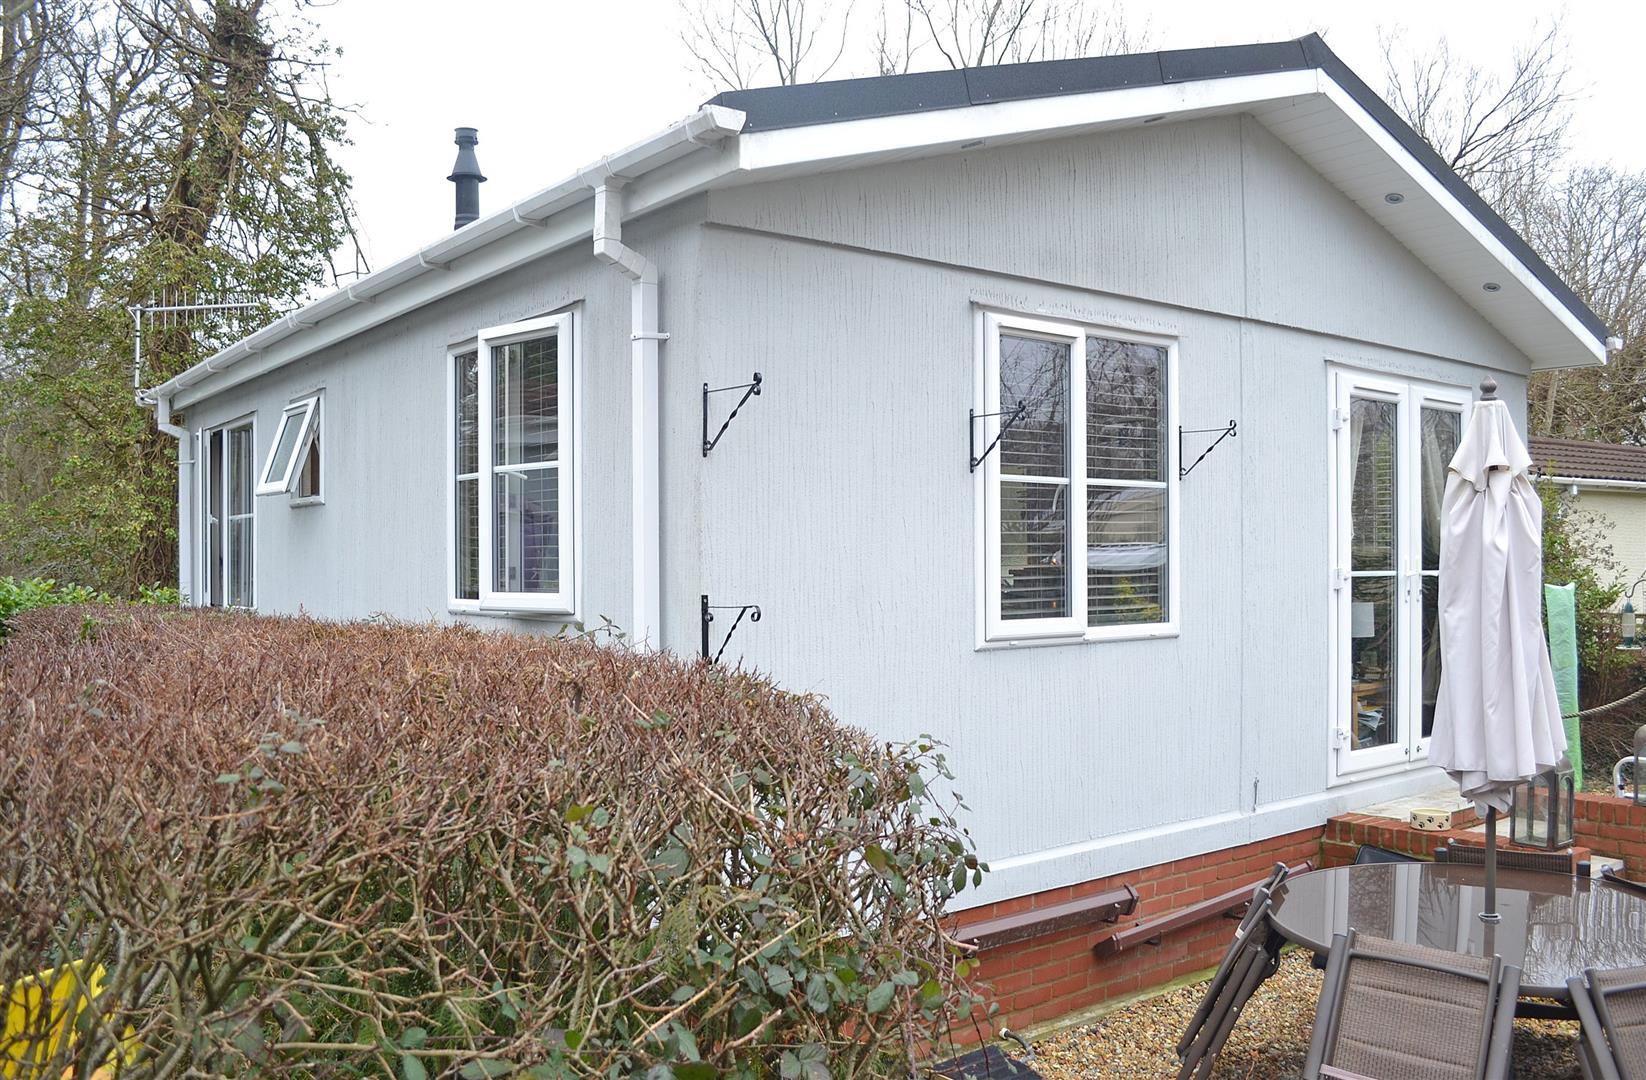 Redhill Park, Wimborne Road, Redhill, Bournemouth